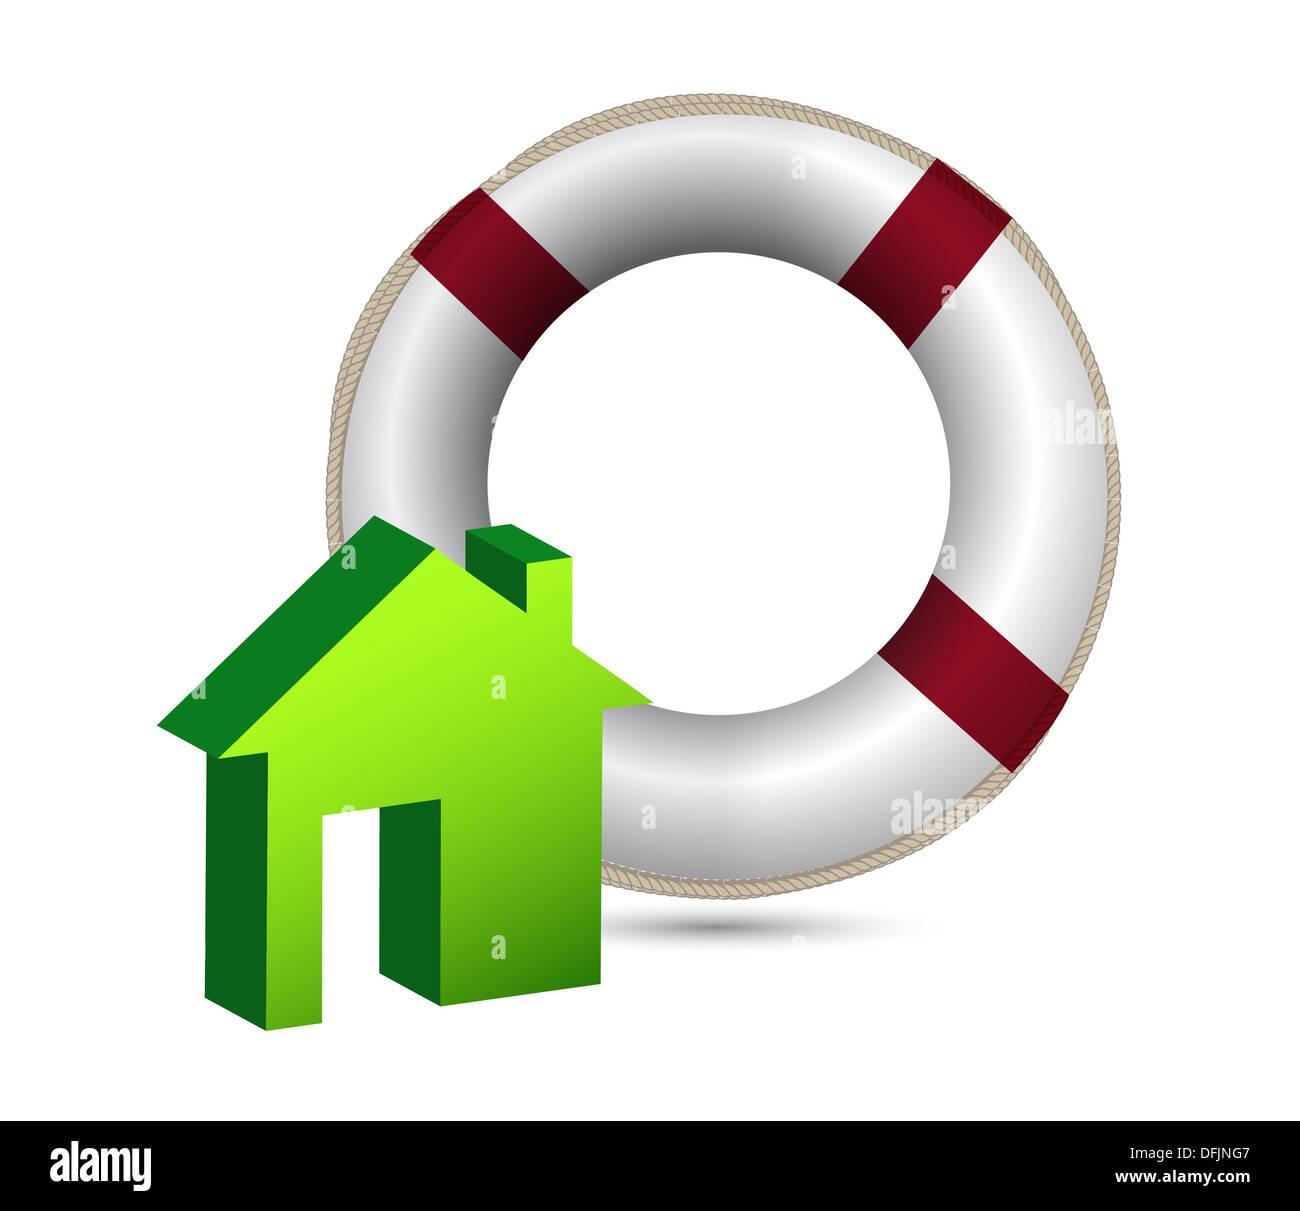 Hausdesign Versicherungskonzept Abbildung auf weiß Stockfoto ...